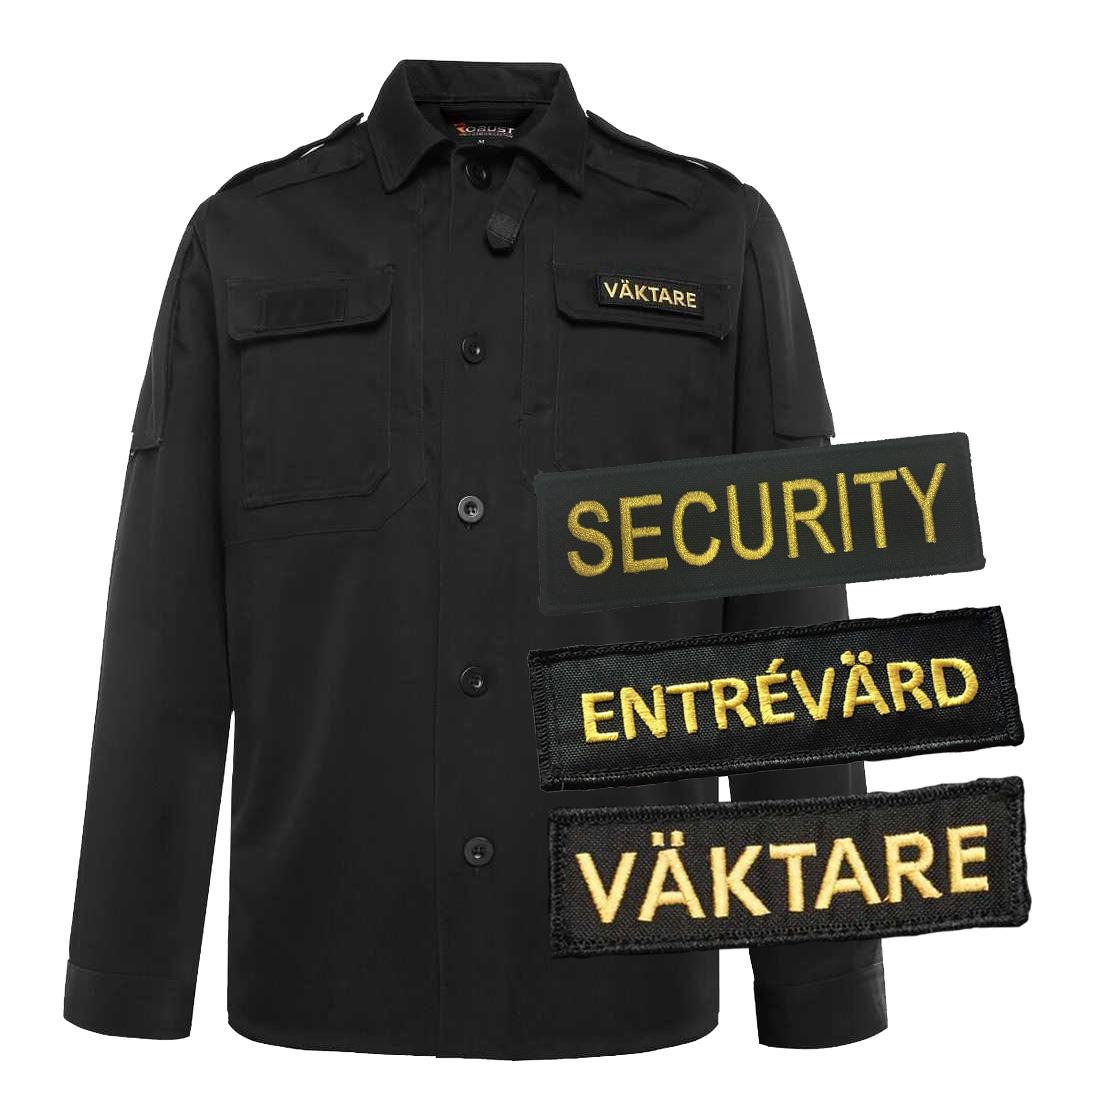 OVbutiken.se - Väktare   Entrévärd   Security Skjortjacka Svart 9edf71b7a1668